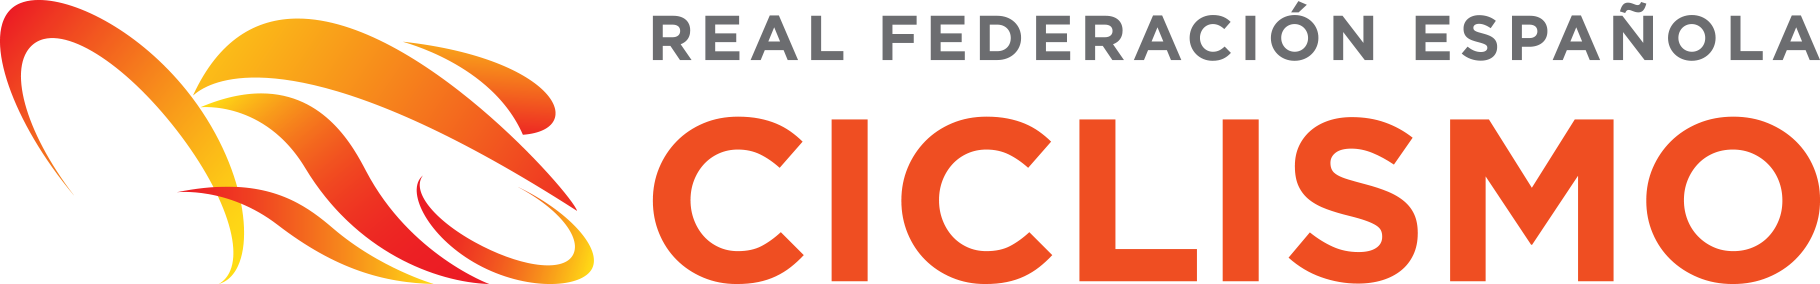 RFEC - Real Federación Española de Ciclismo